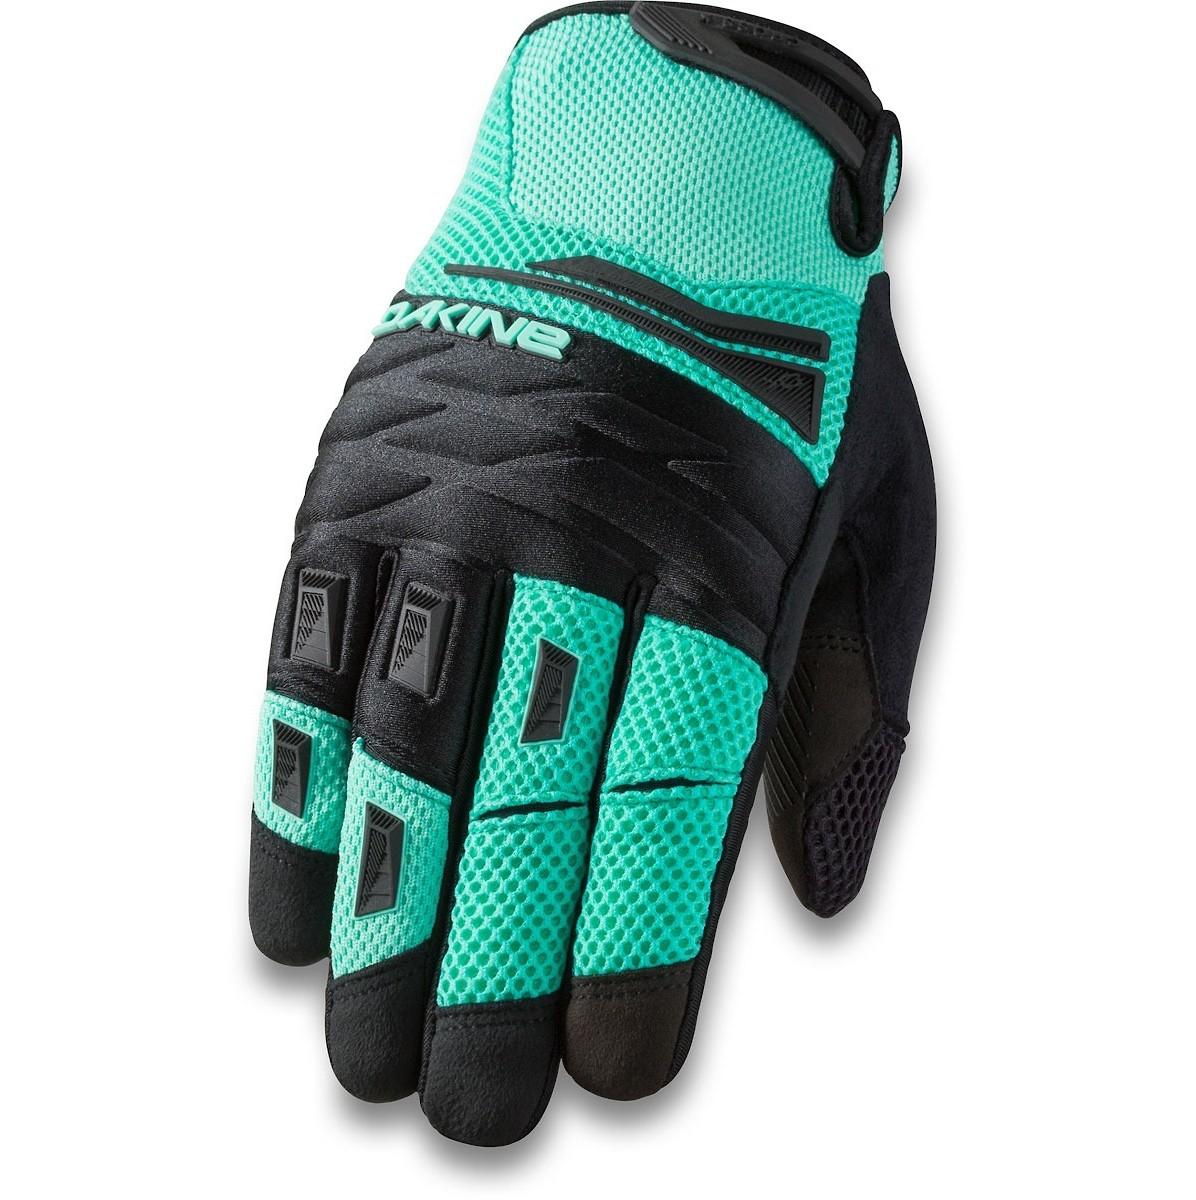 Dakine CROSS-X Womens Full Finger Mountain Bike Gloves Bright Coral NEW Sample